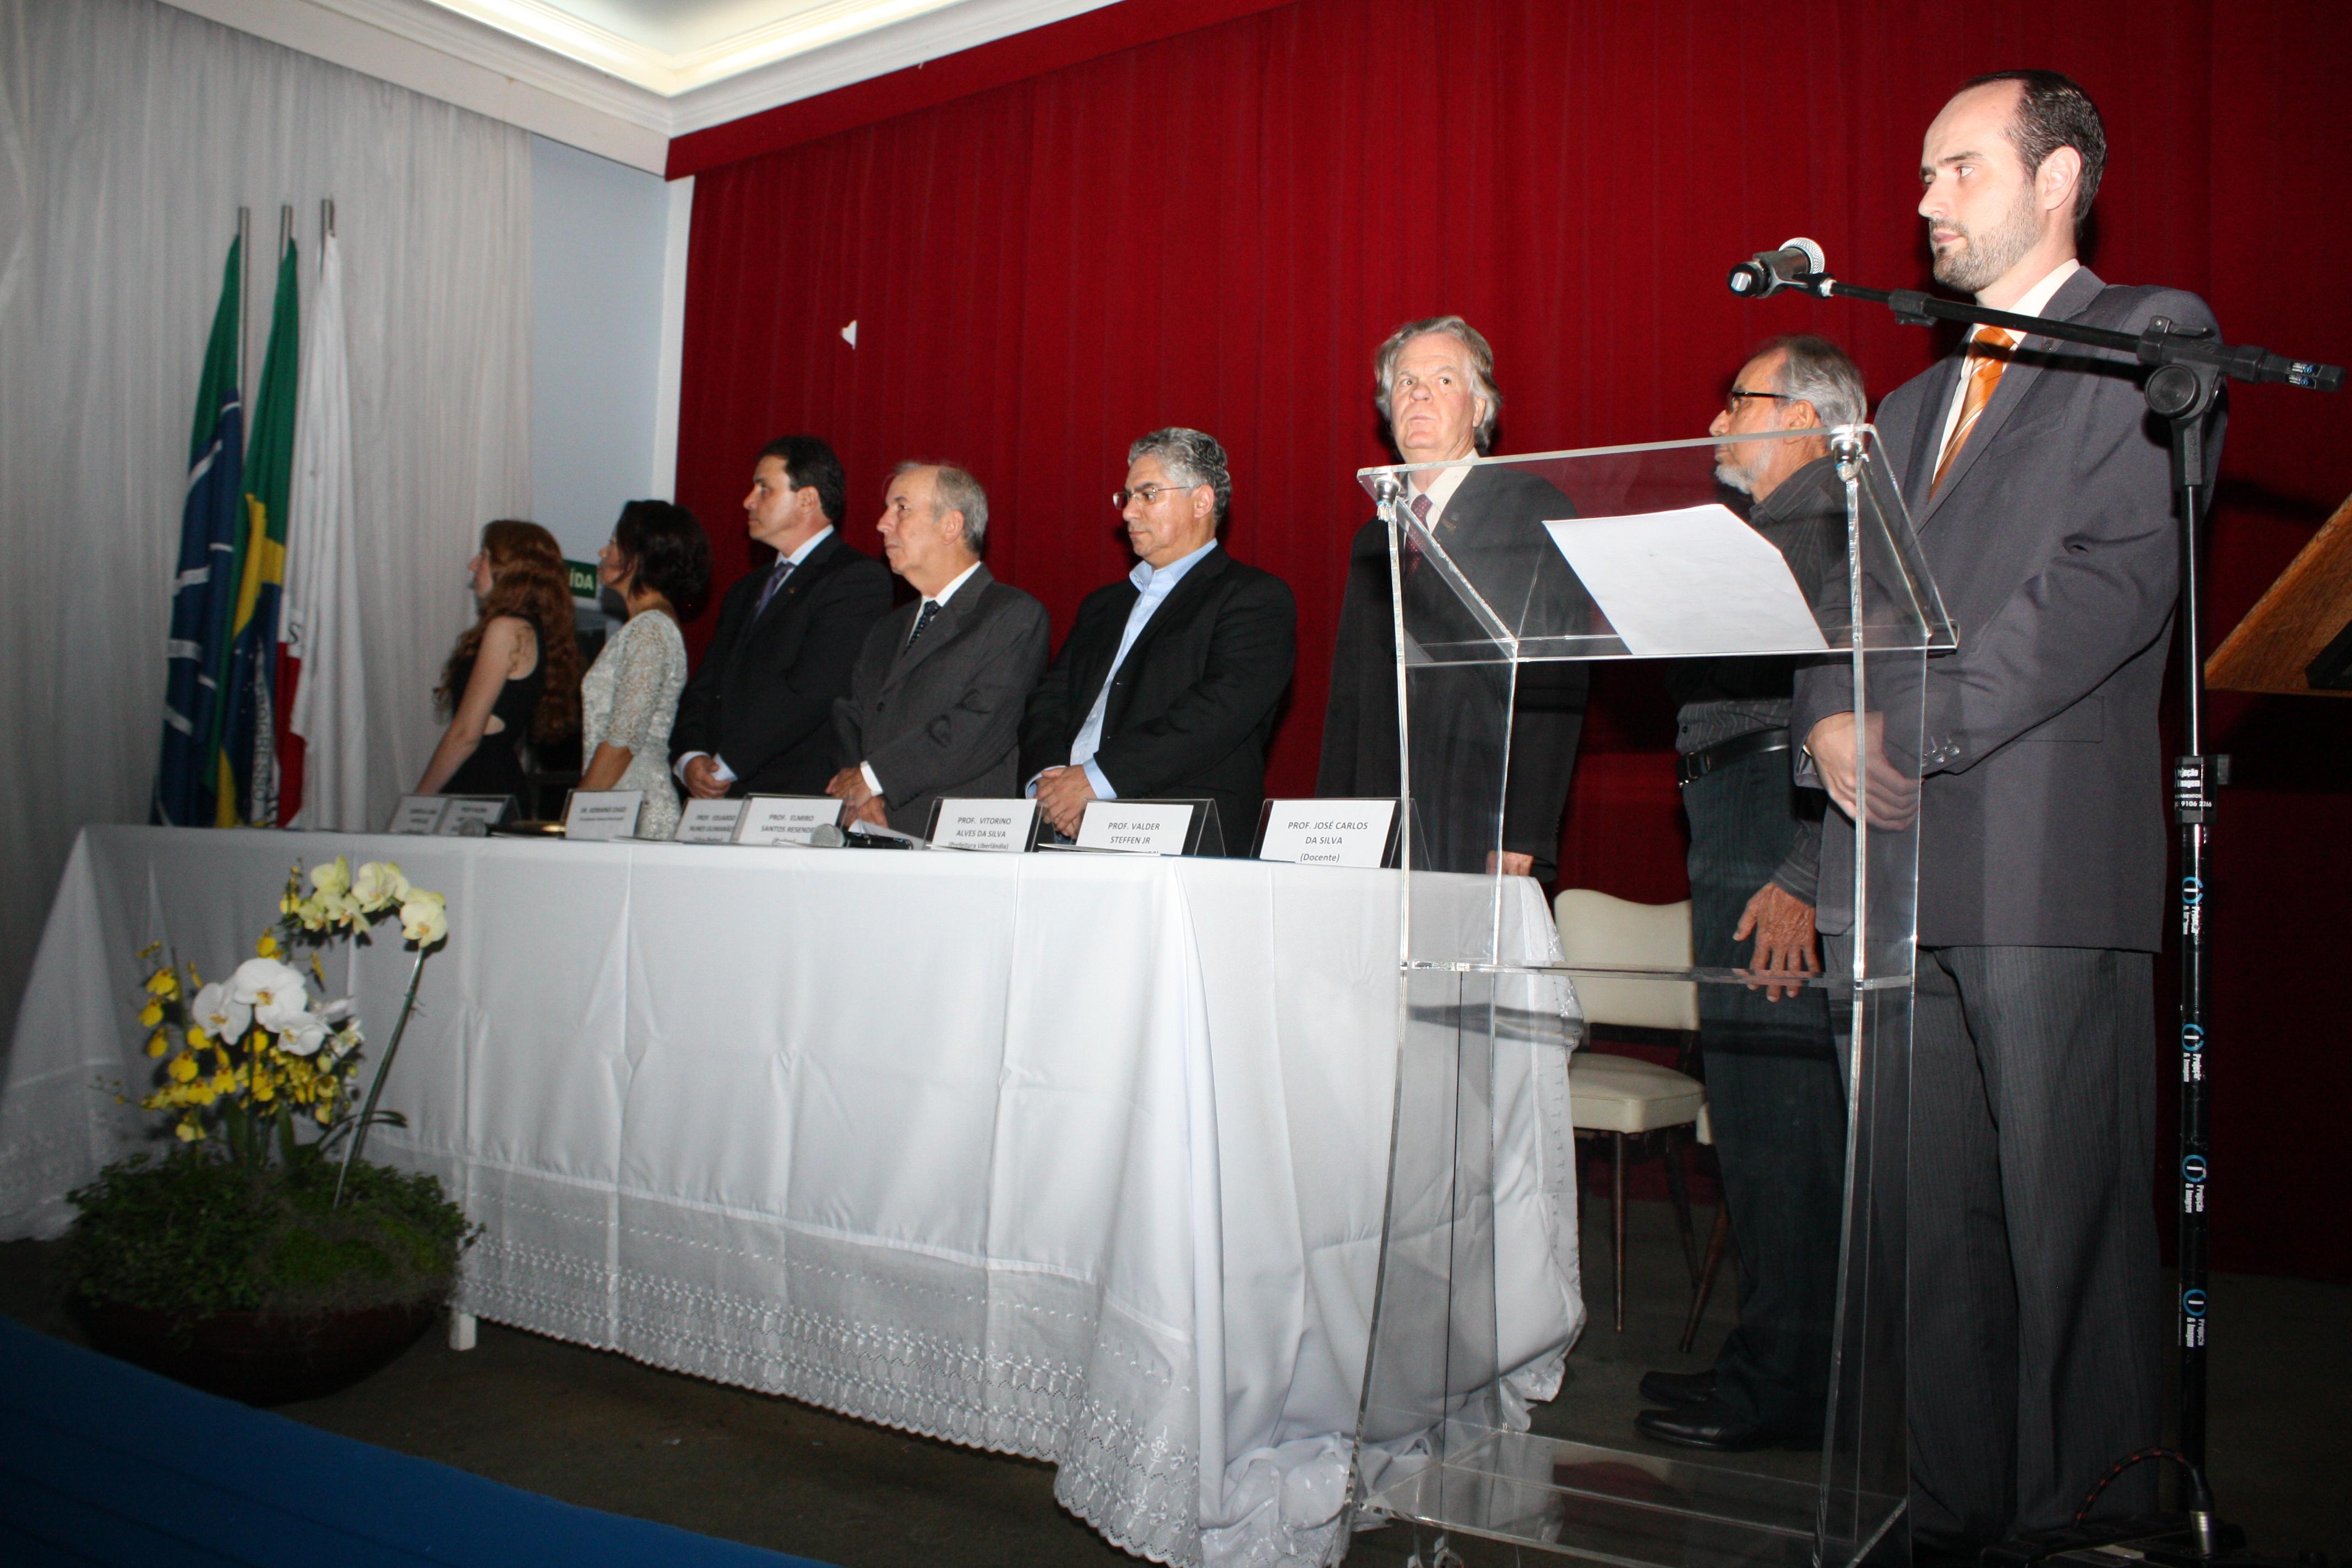 Mesa de representantes e convidados (Foto: Gilberto Pereira)